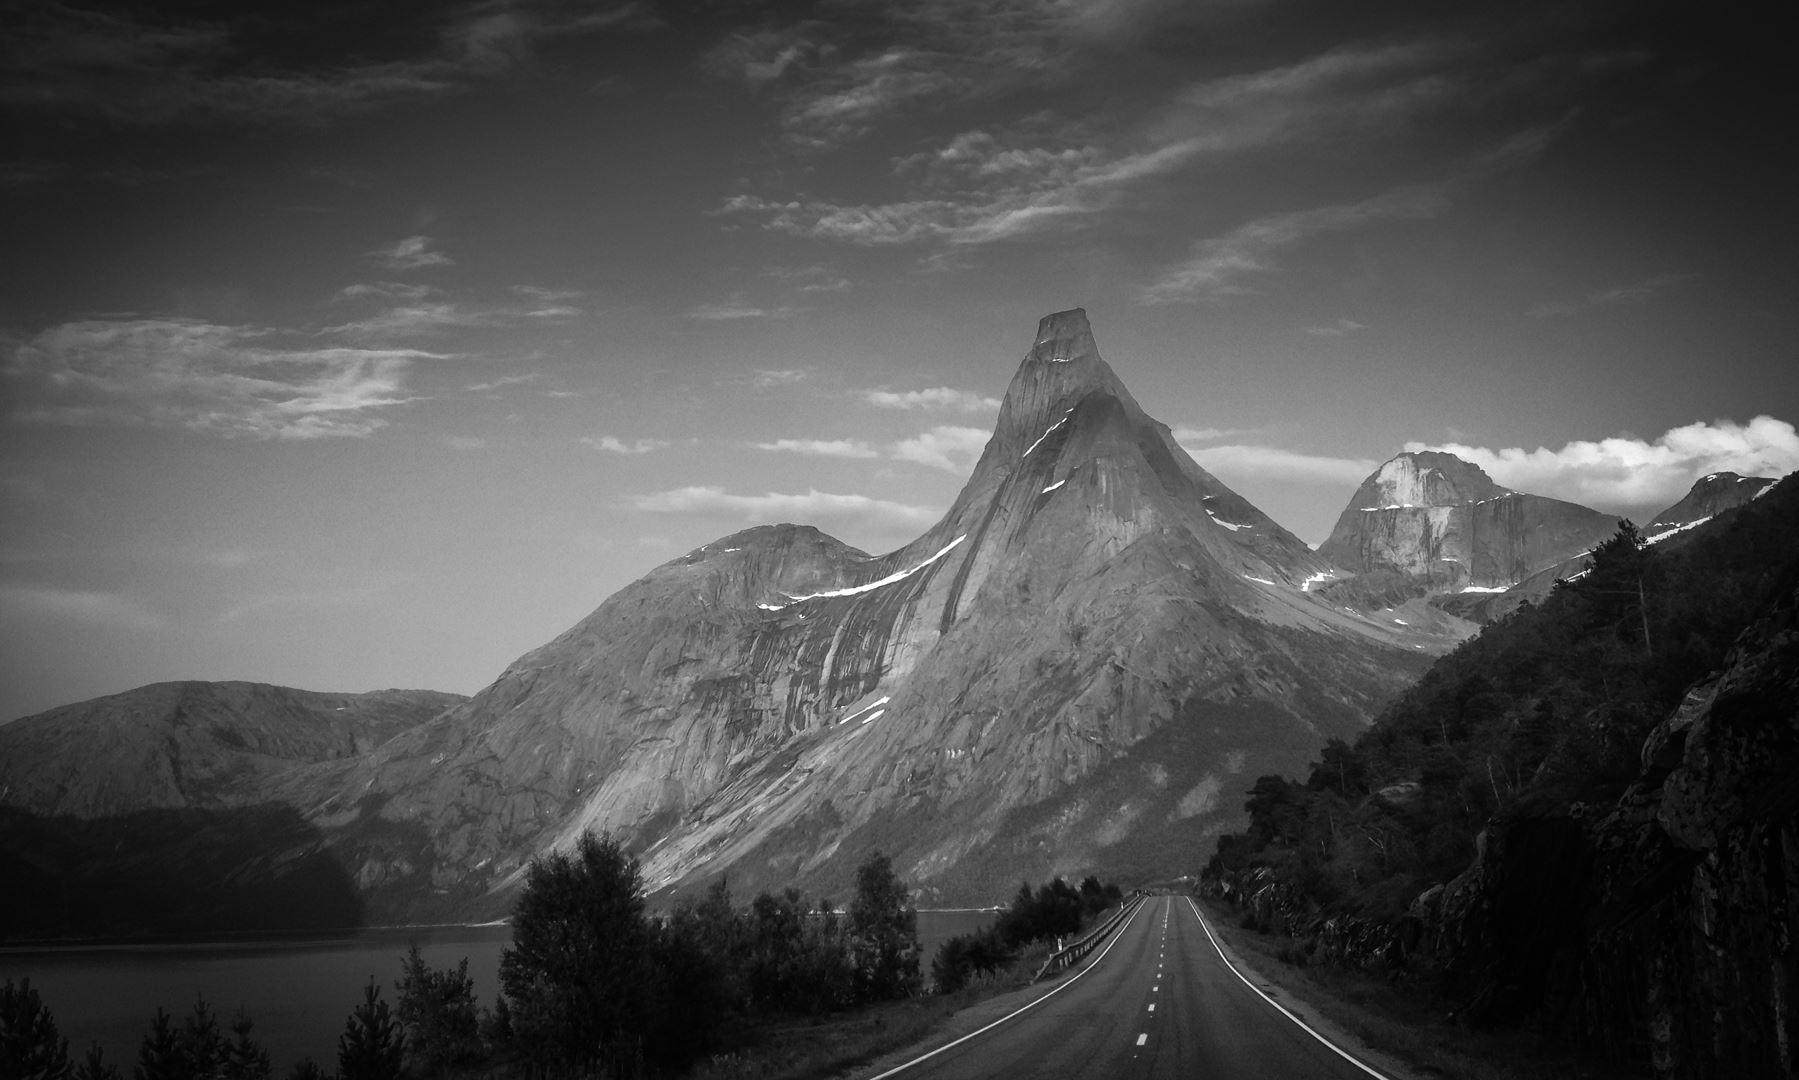 © Northern Alpine Guides, Stetind - South Pillar with Northern Alpine guides